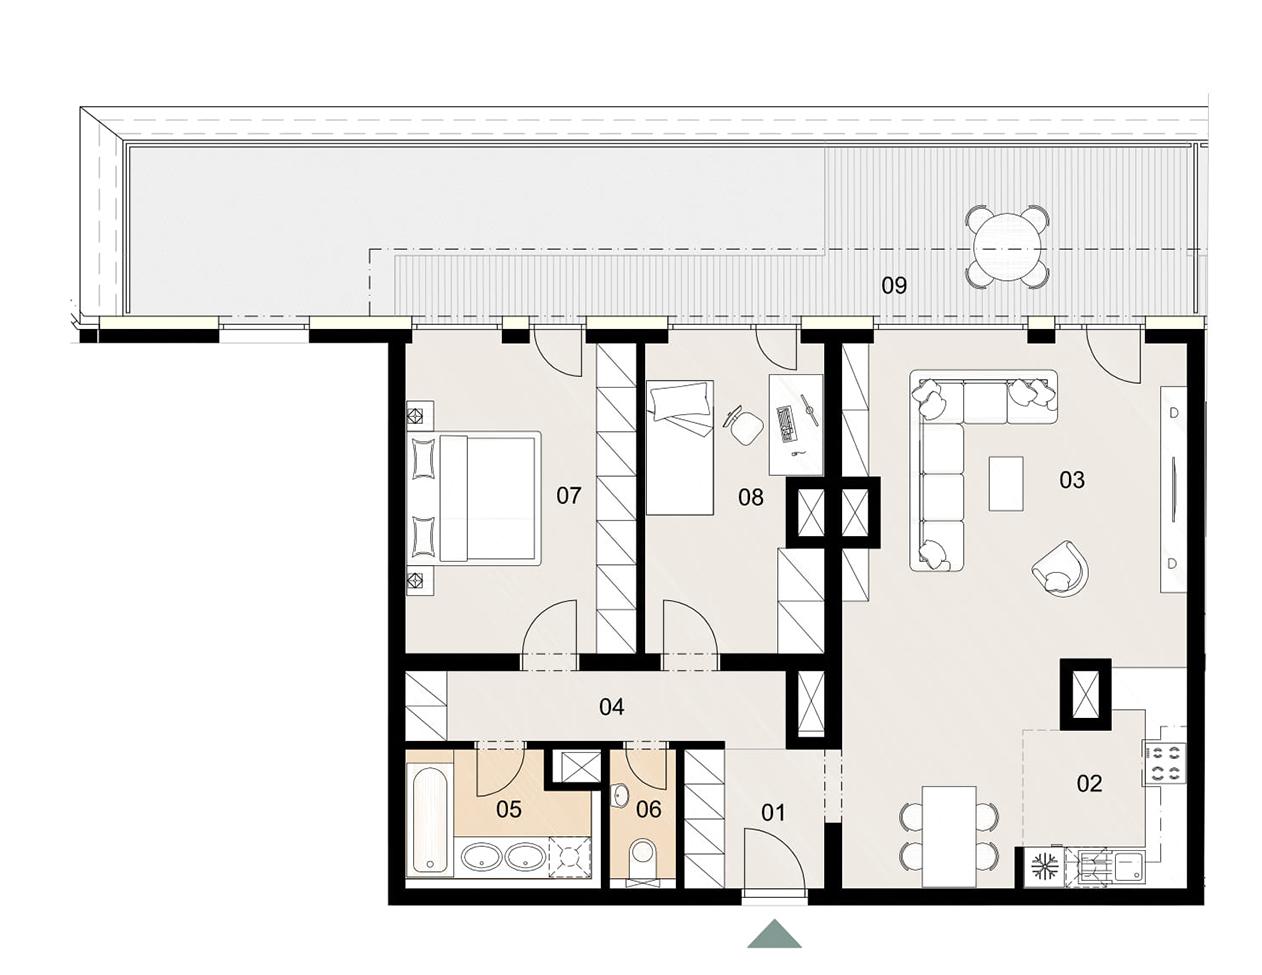 Rosenhaus byt 1102, 3-izbový. Novostavba Vrakuňa.